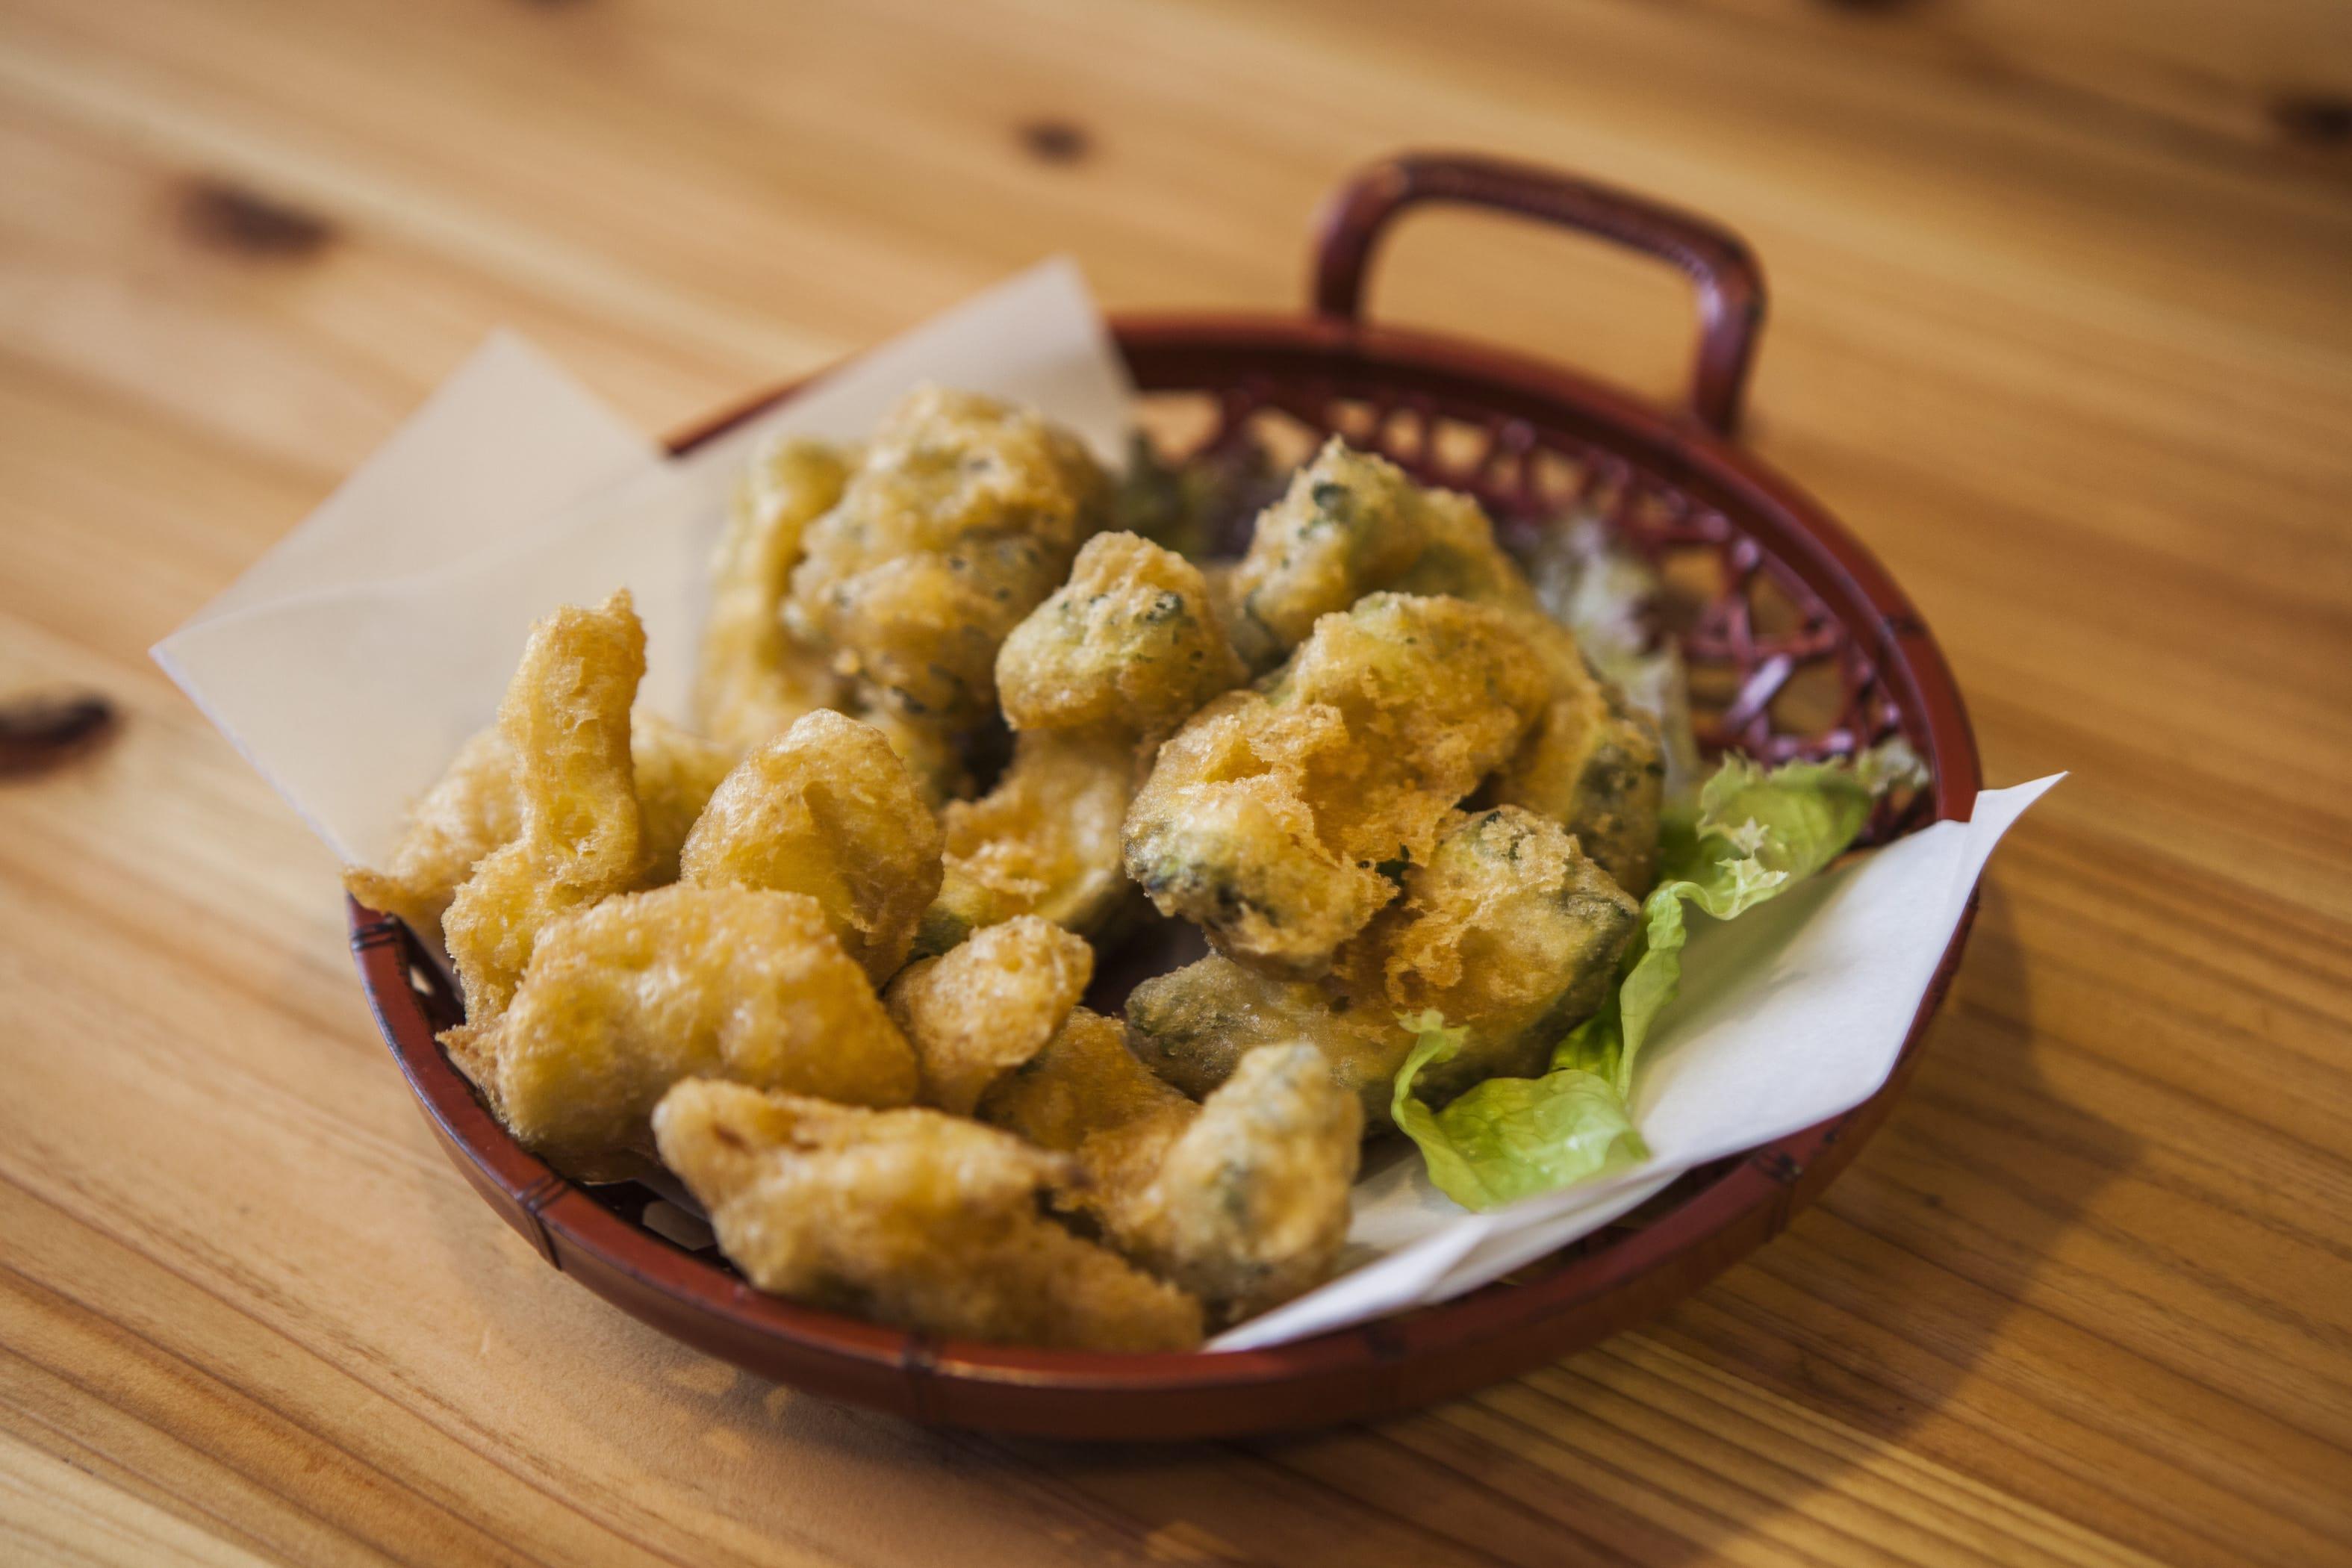 ゴーヤとワタと種の天ぷら盛り合わせ。旬の味わいを閉じ込めて揚げた揚げ物たちは、とにかくジューシーで旨いのだ!